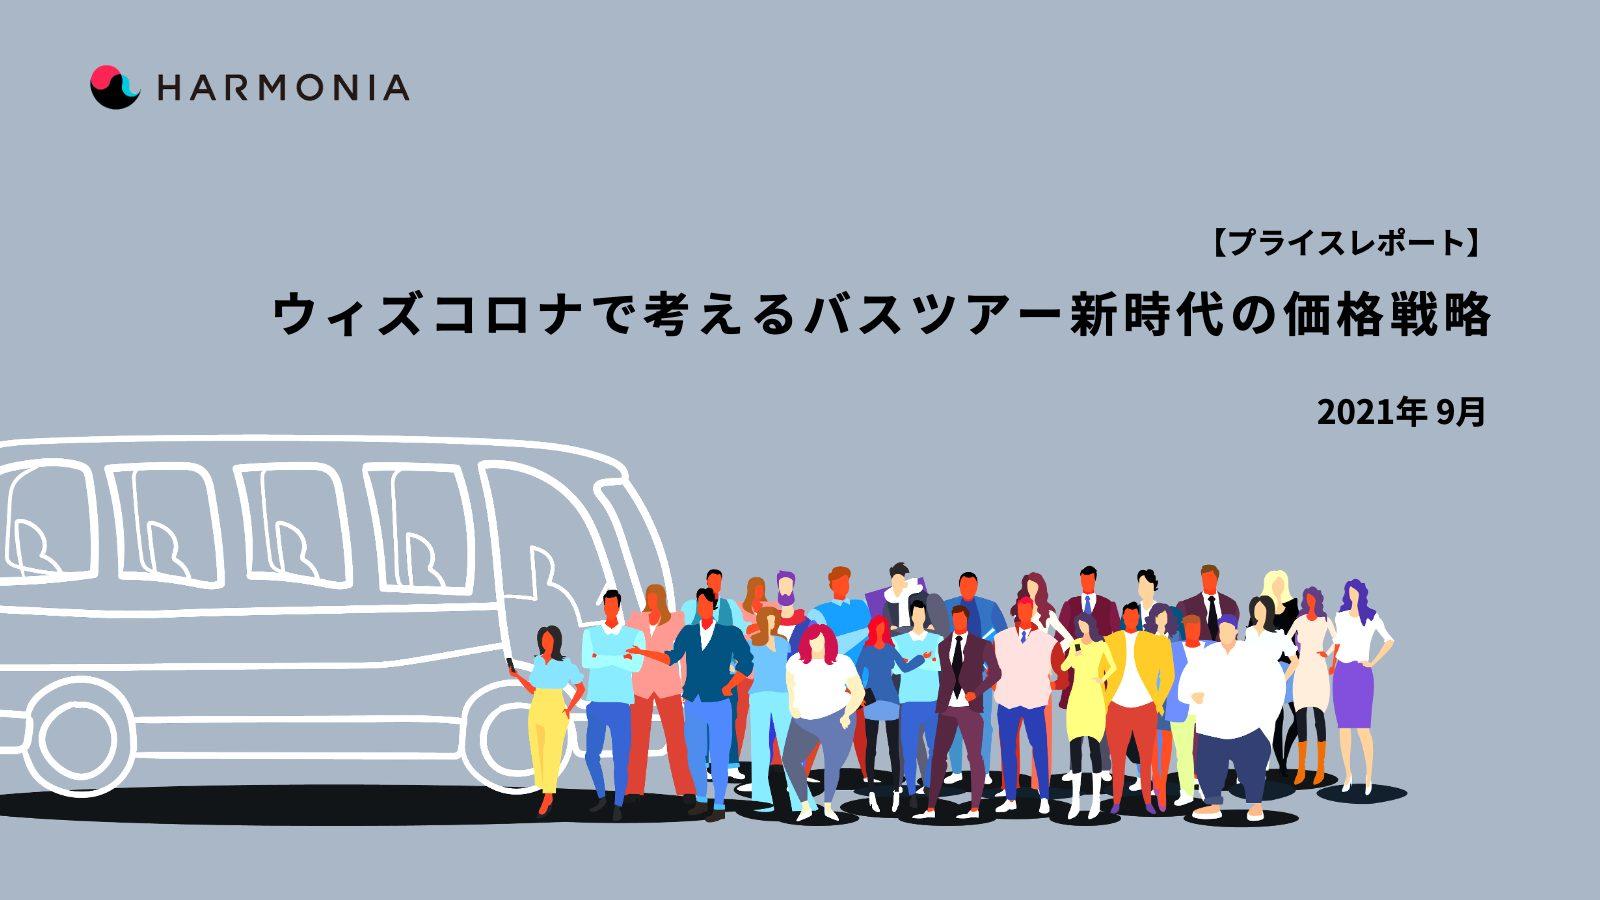 バスツアーの価格